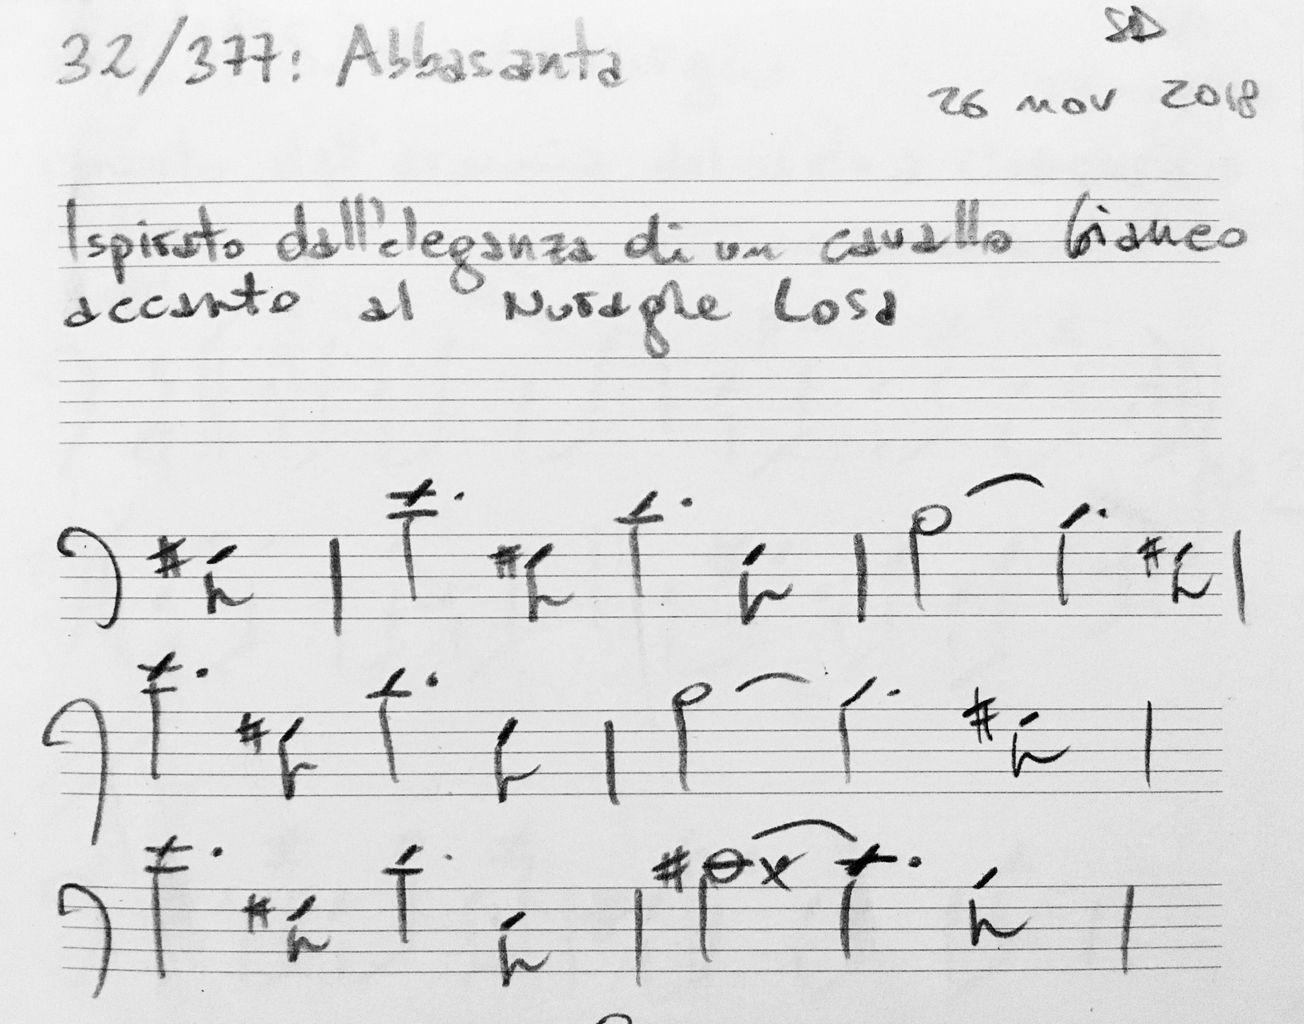 032-Abbasanta-score